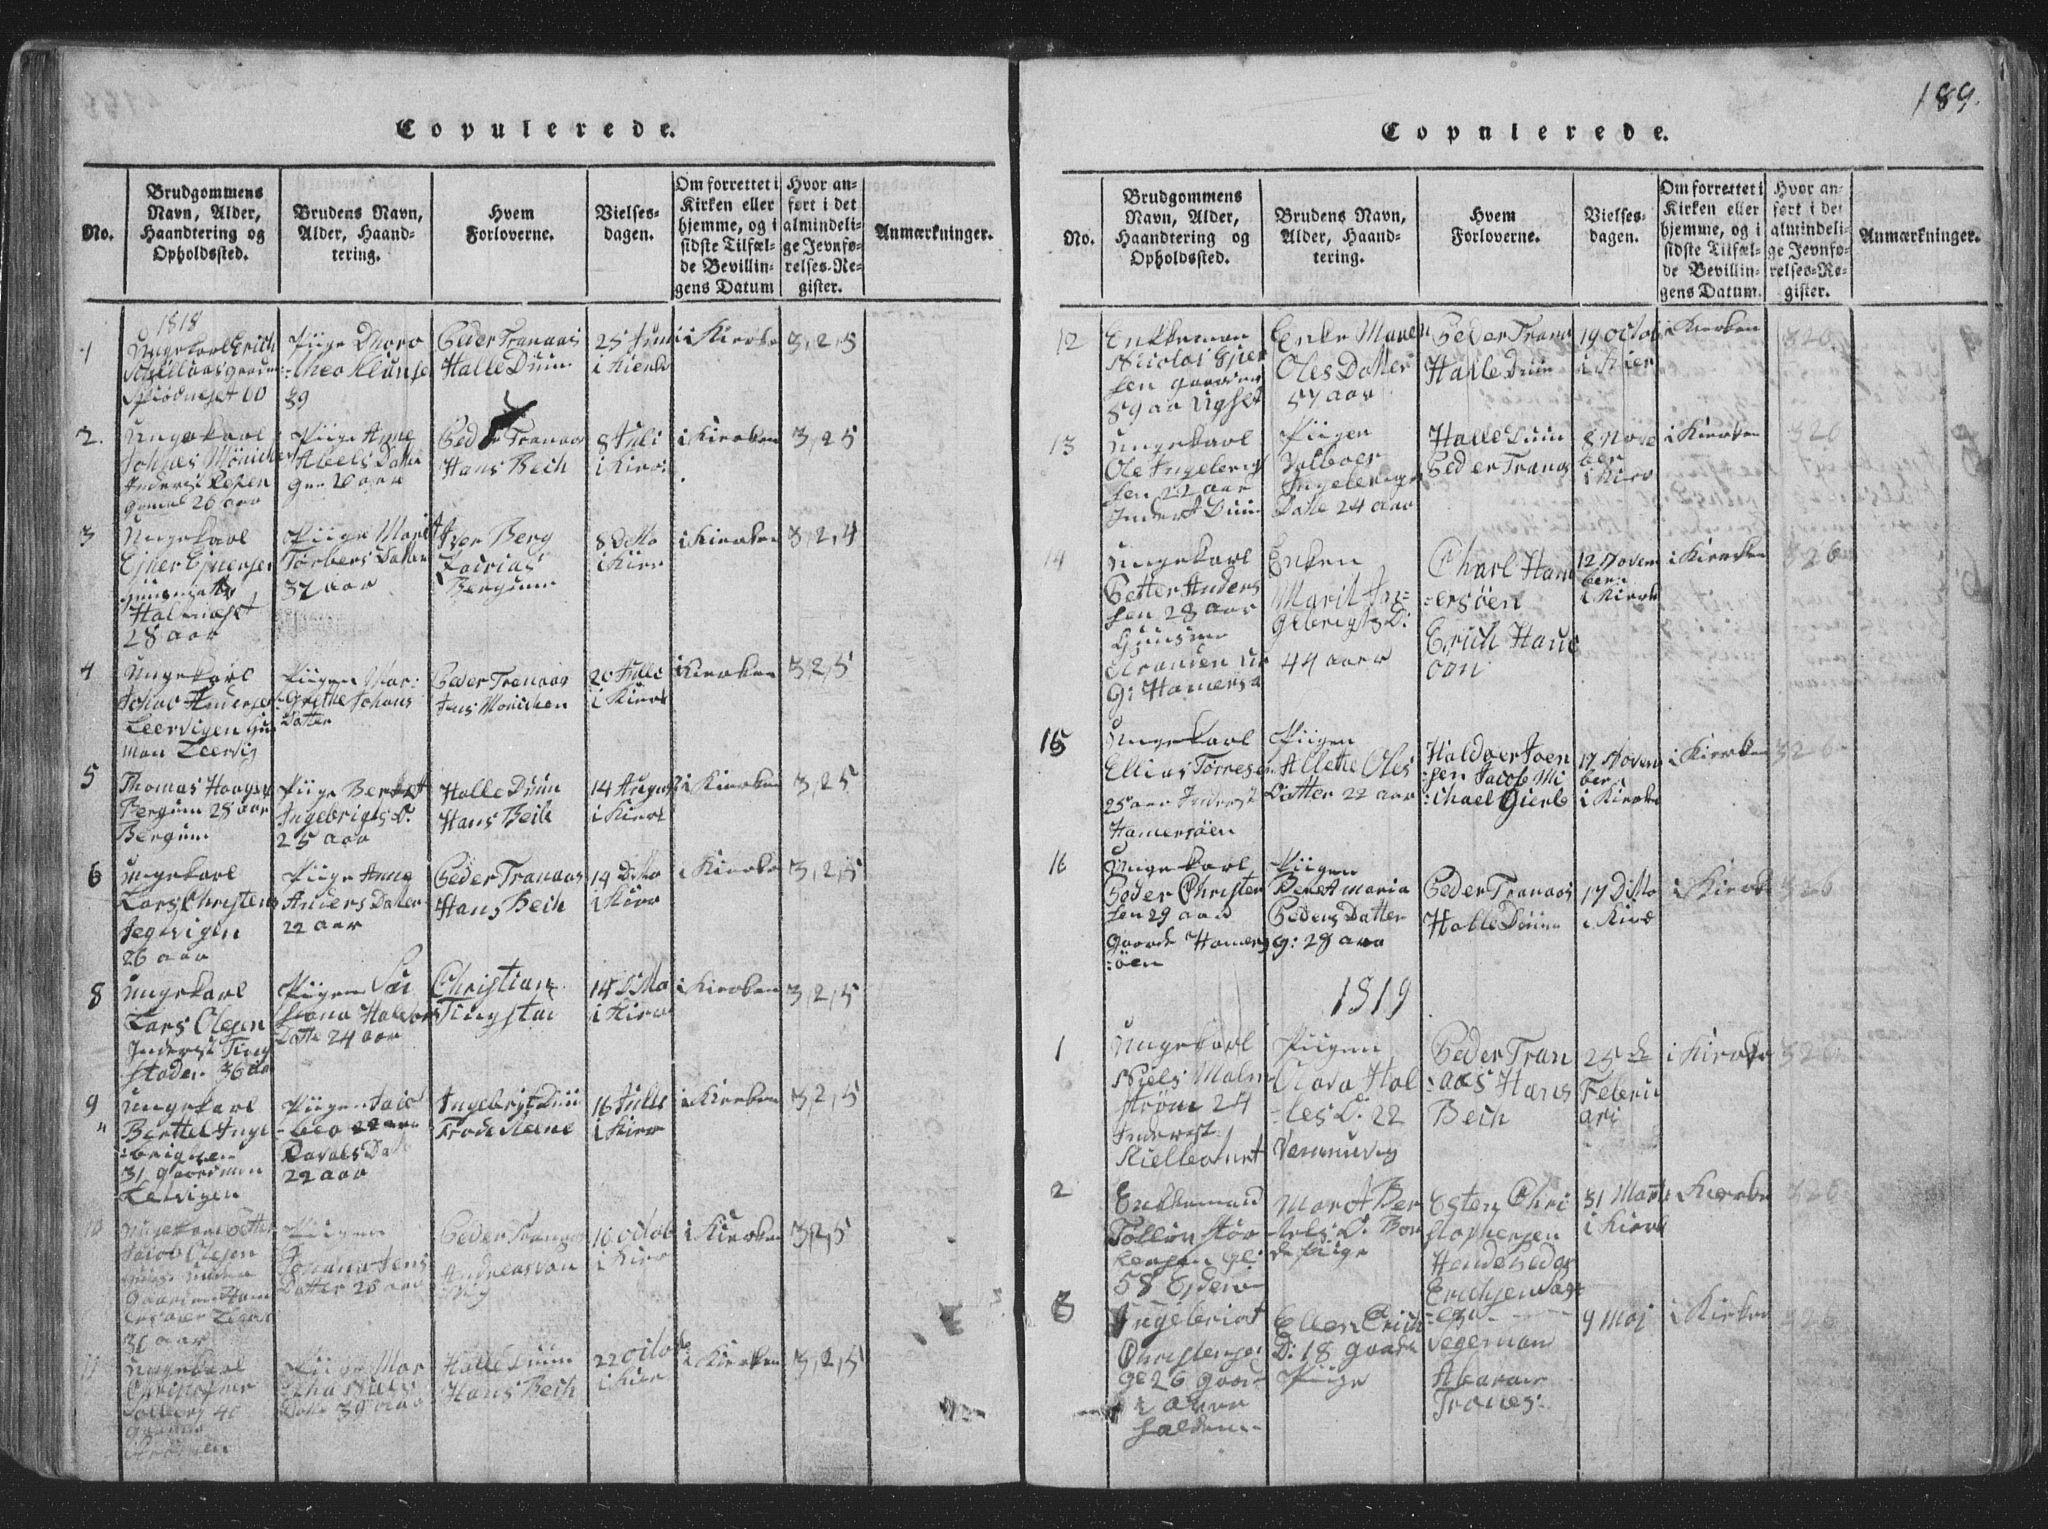 SAT, Ministerialprotokoller, klokkerbøker og fødselsregistre - Nord-Trøndelag, 773/L0613: Ministerialbok nr. 773A04, 1815-1845, s. 189